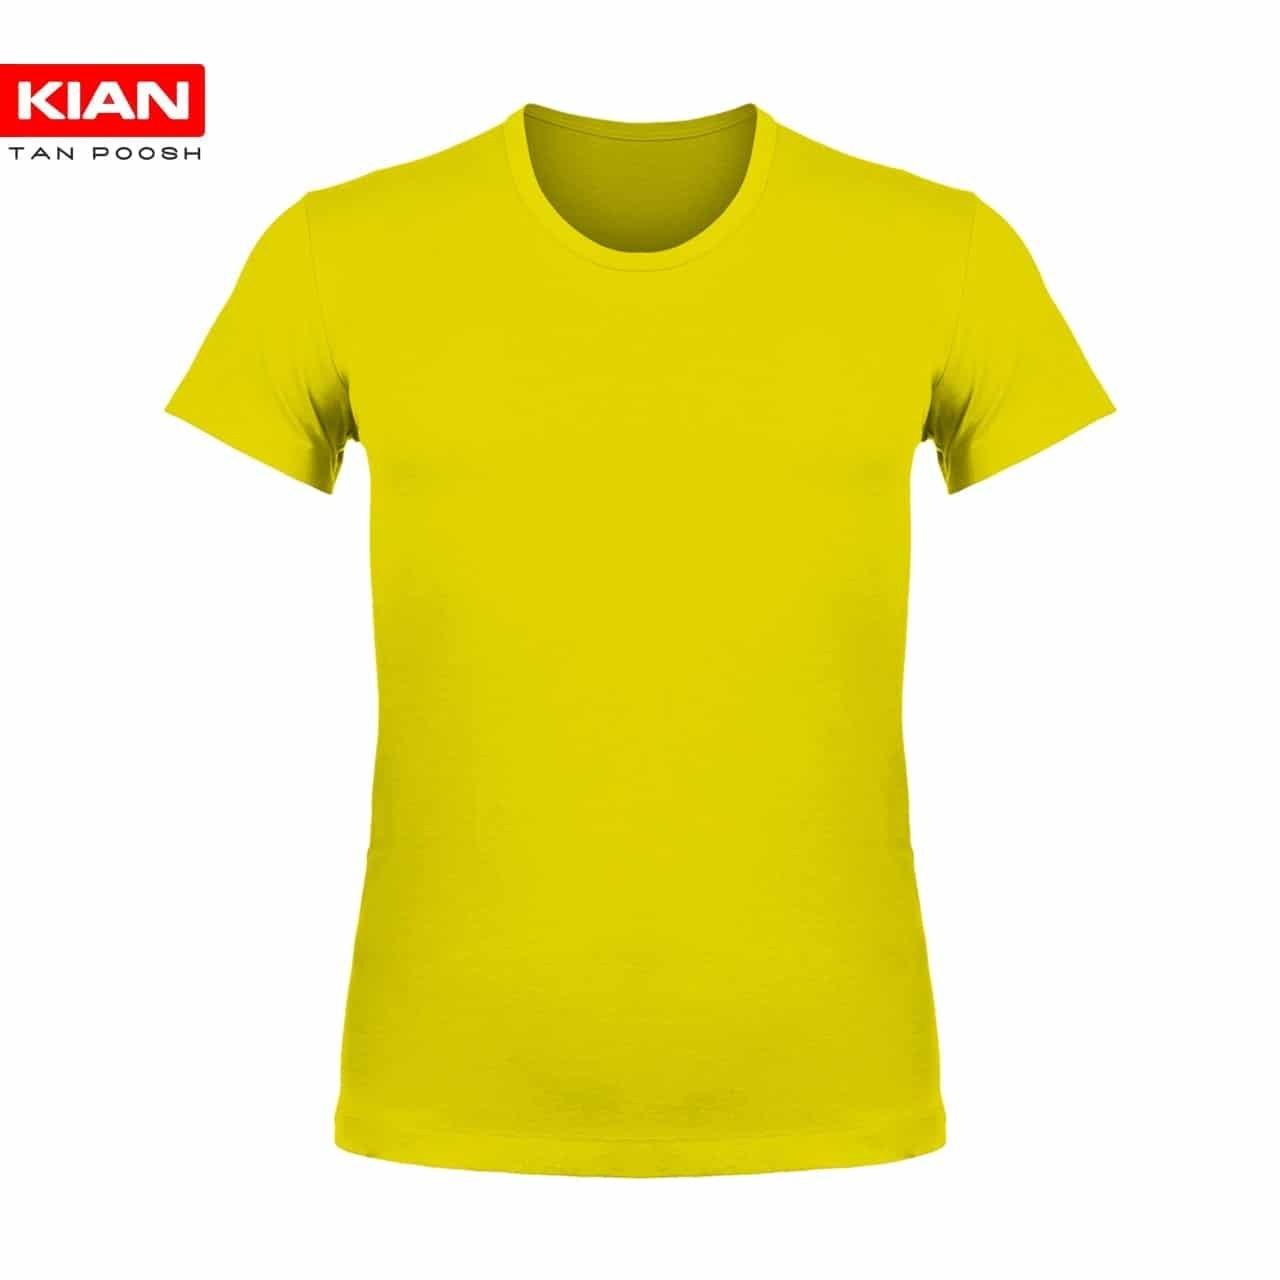 زیرپوش نیم آستین کلاسیک پنبه زرد | زیرپوش نیم آستین کلاسیک پنبه ساده زرد